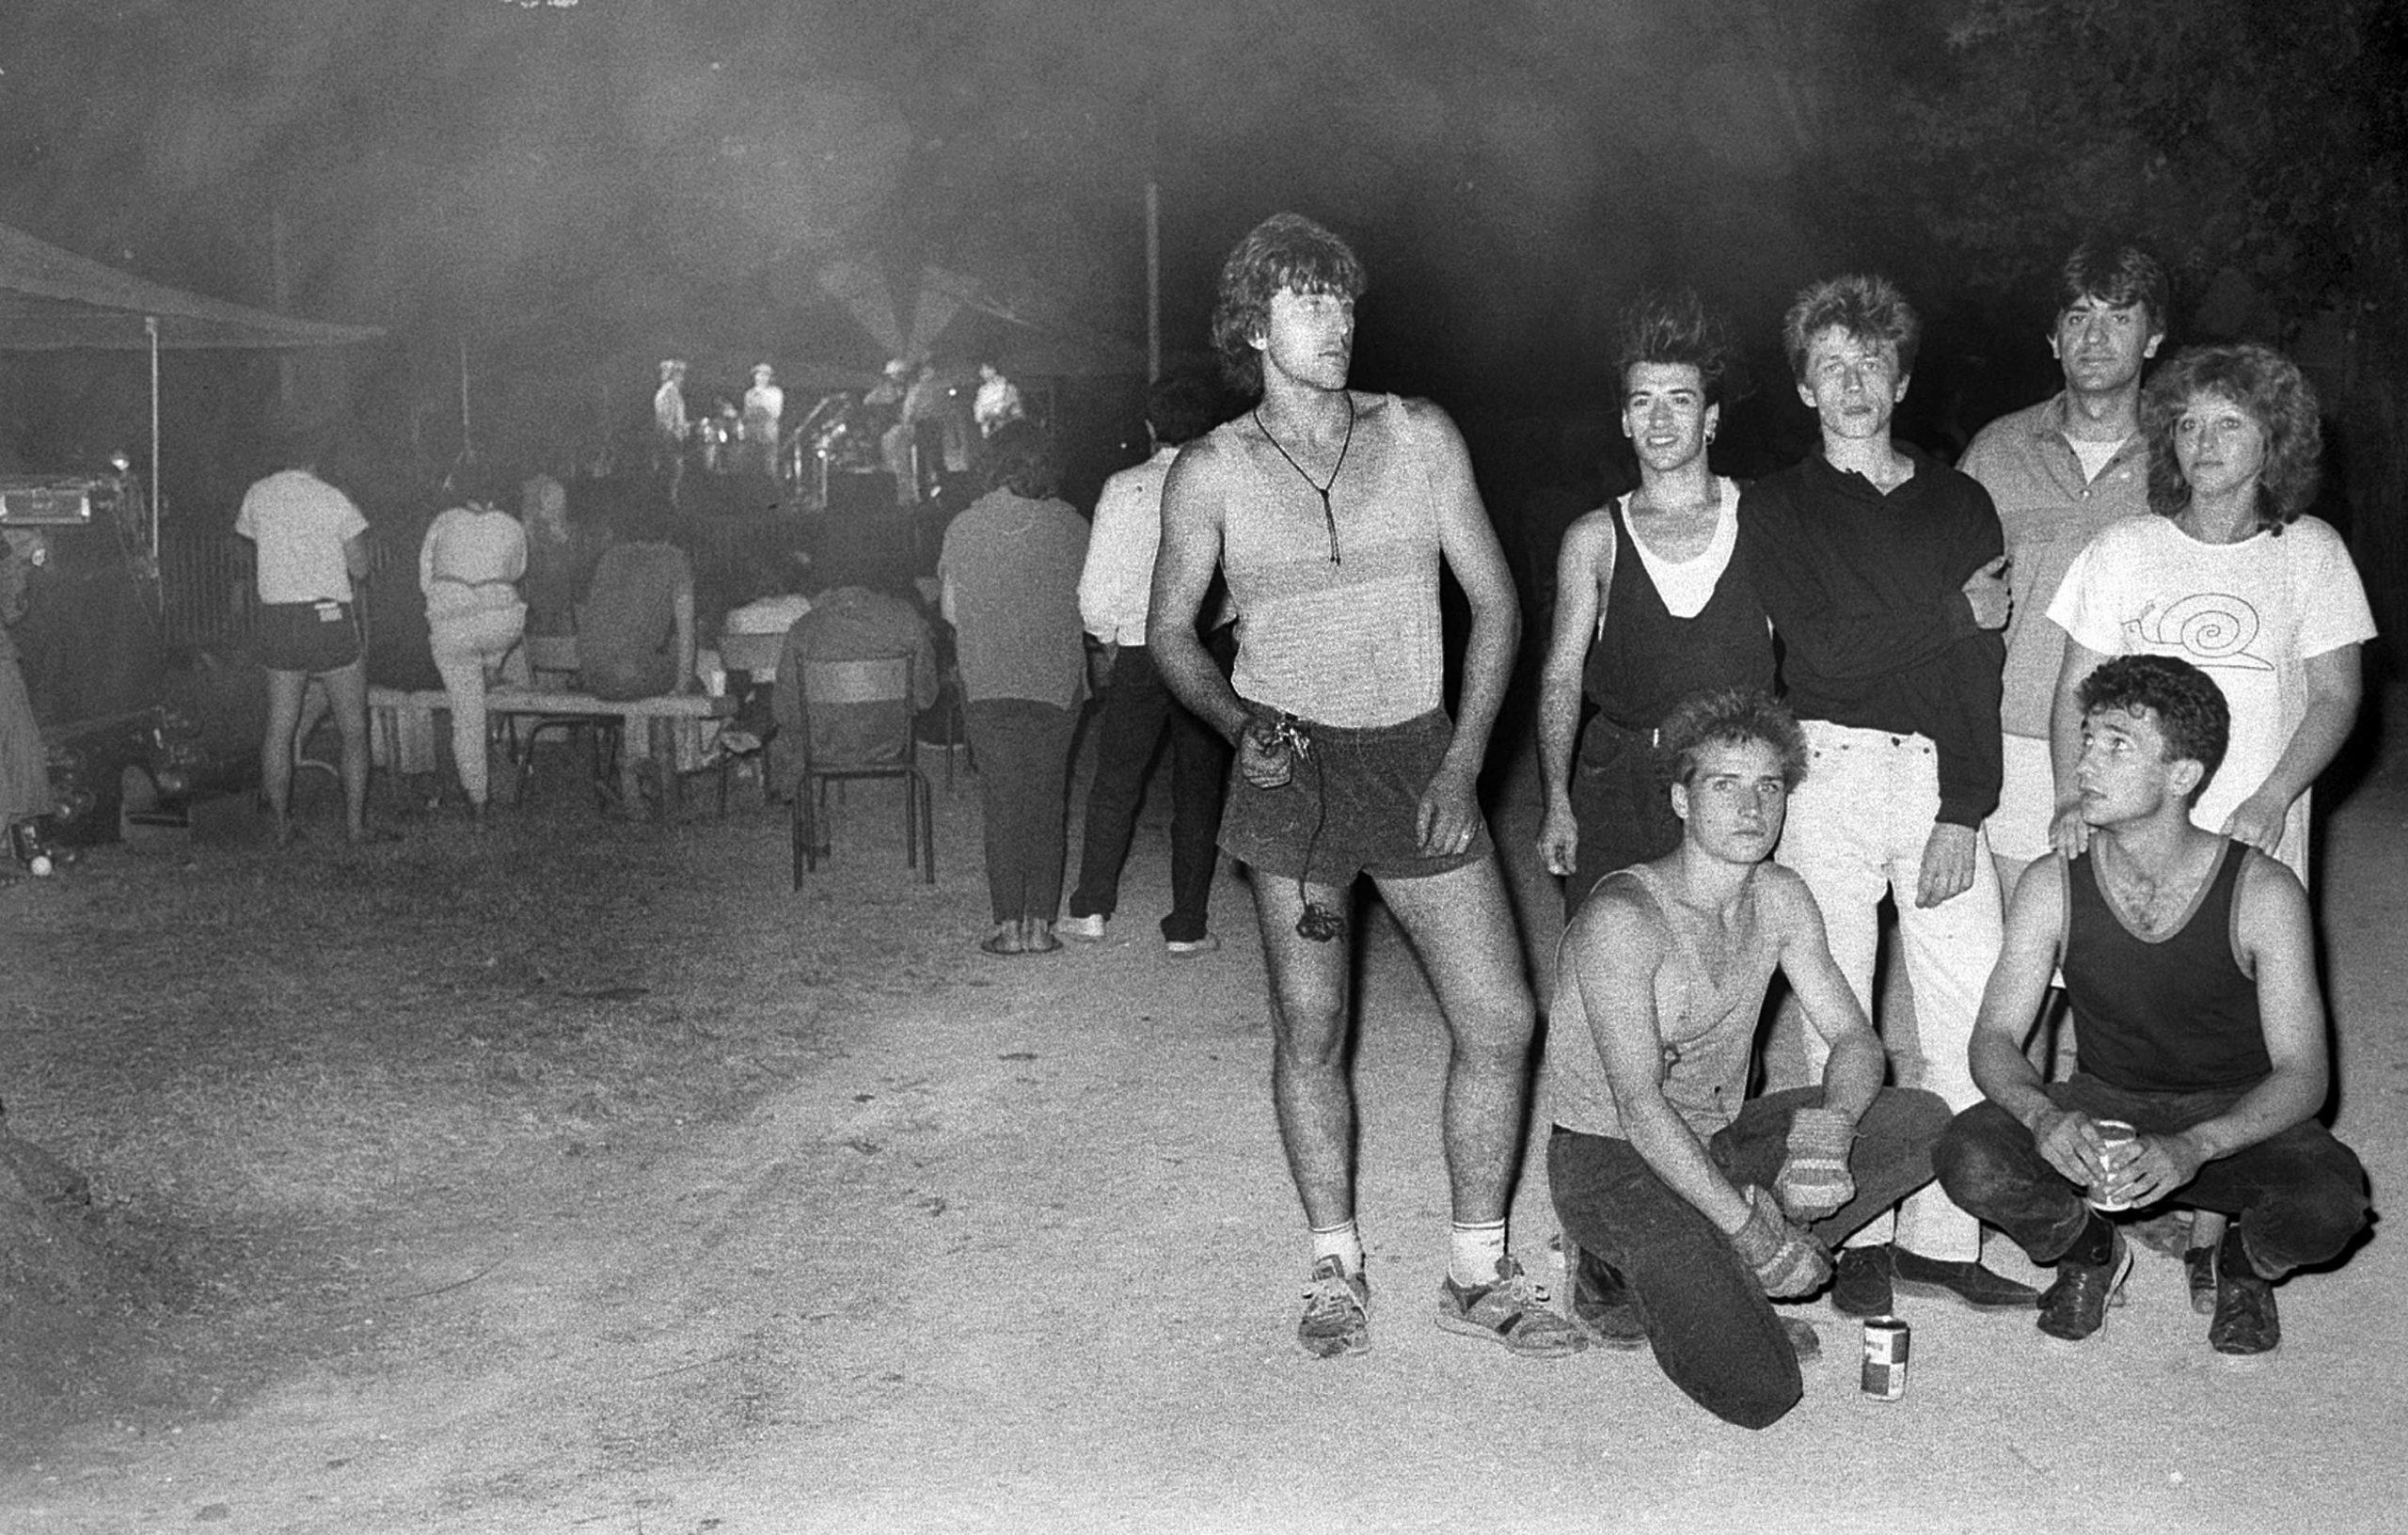 1986 : 1ère édition dans le parc Chantecler du festival « Les douze heures de Rock et Chanson » avec l'équipe de la première heure, le conseil d'administration, les musiciens…